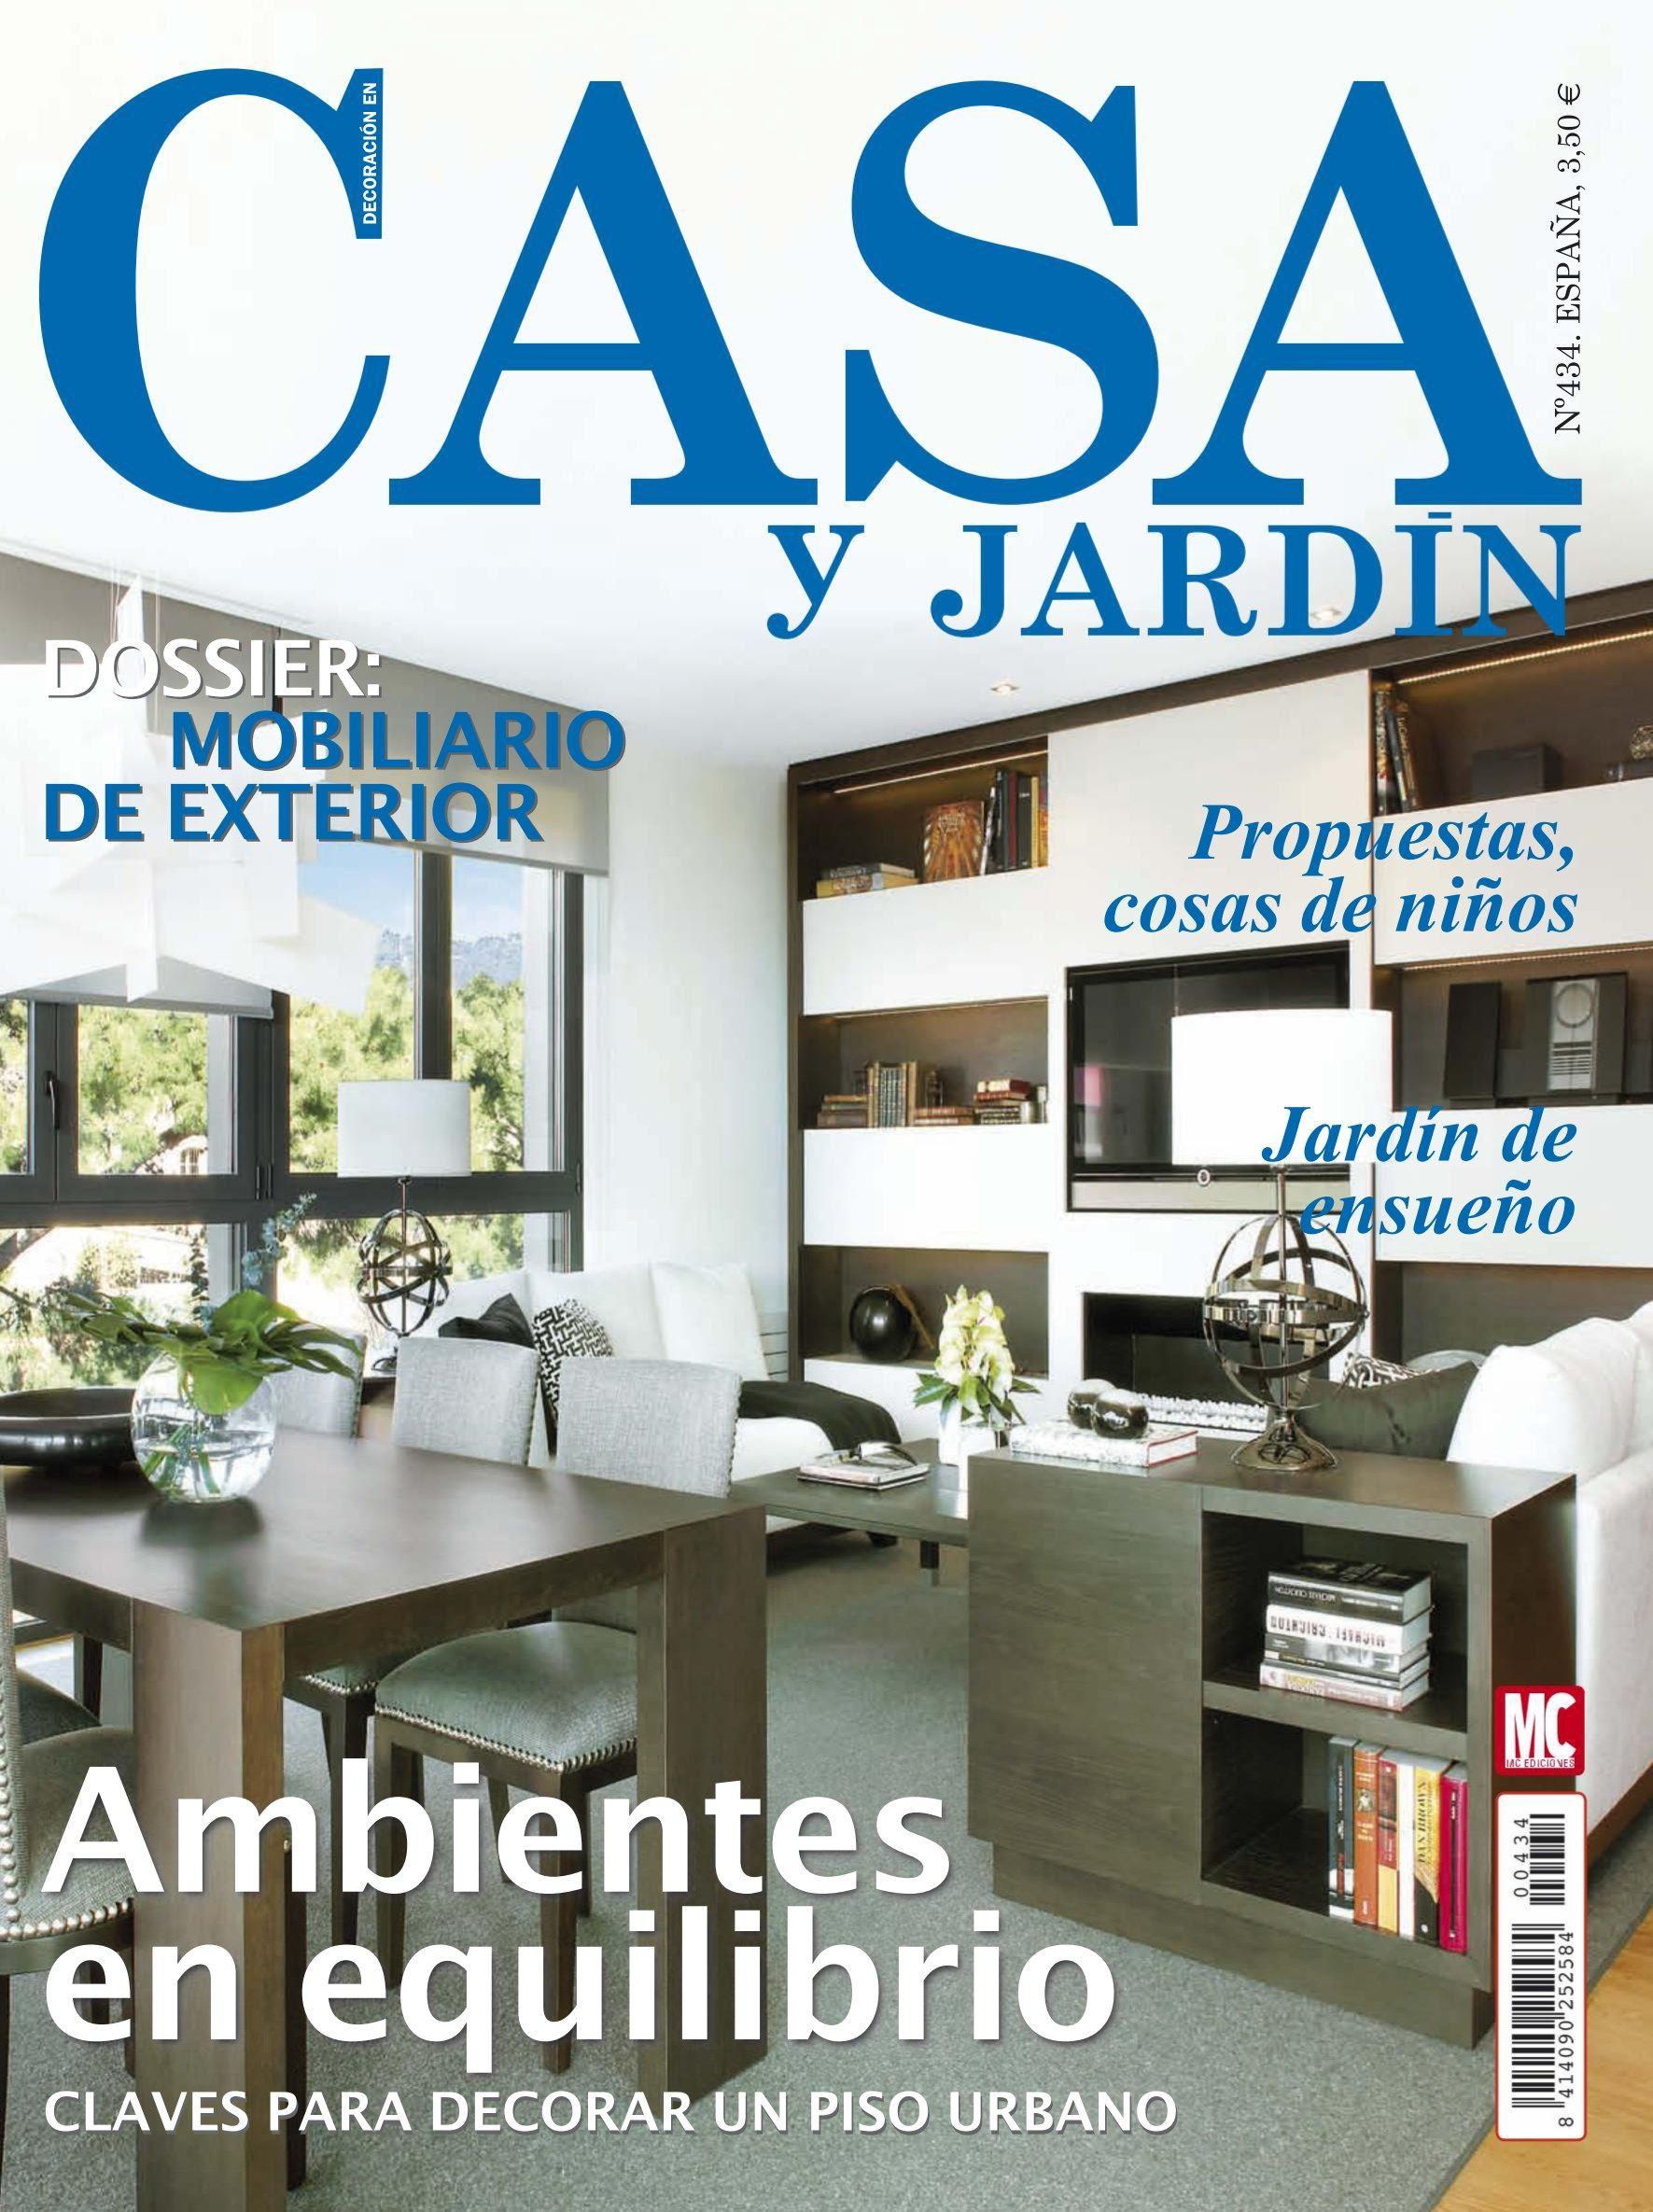 Revista casa y jardin 434 ambientes de equilibrio for Casa mobiliario jardin